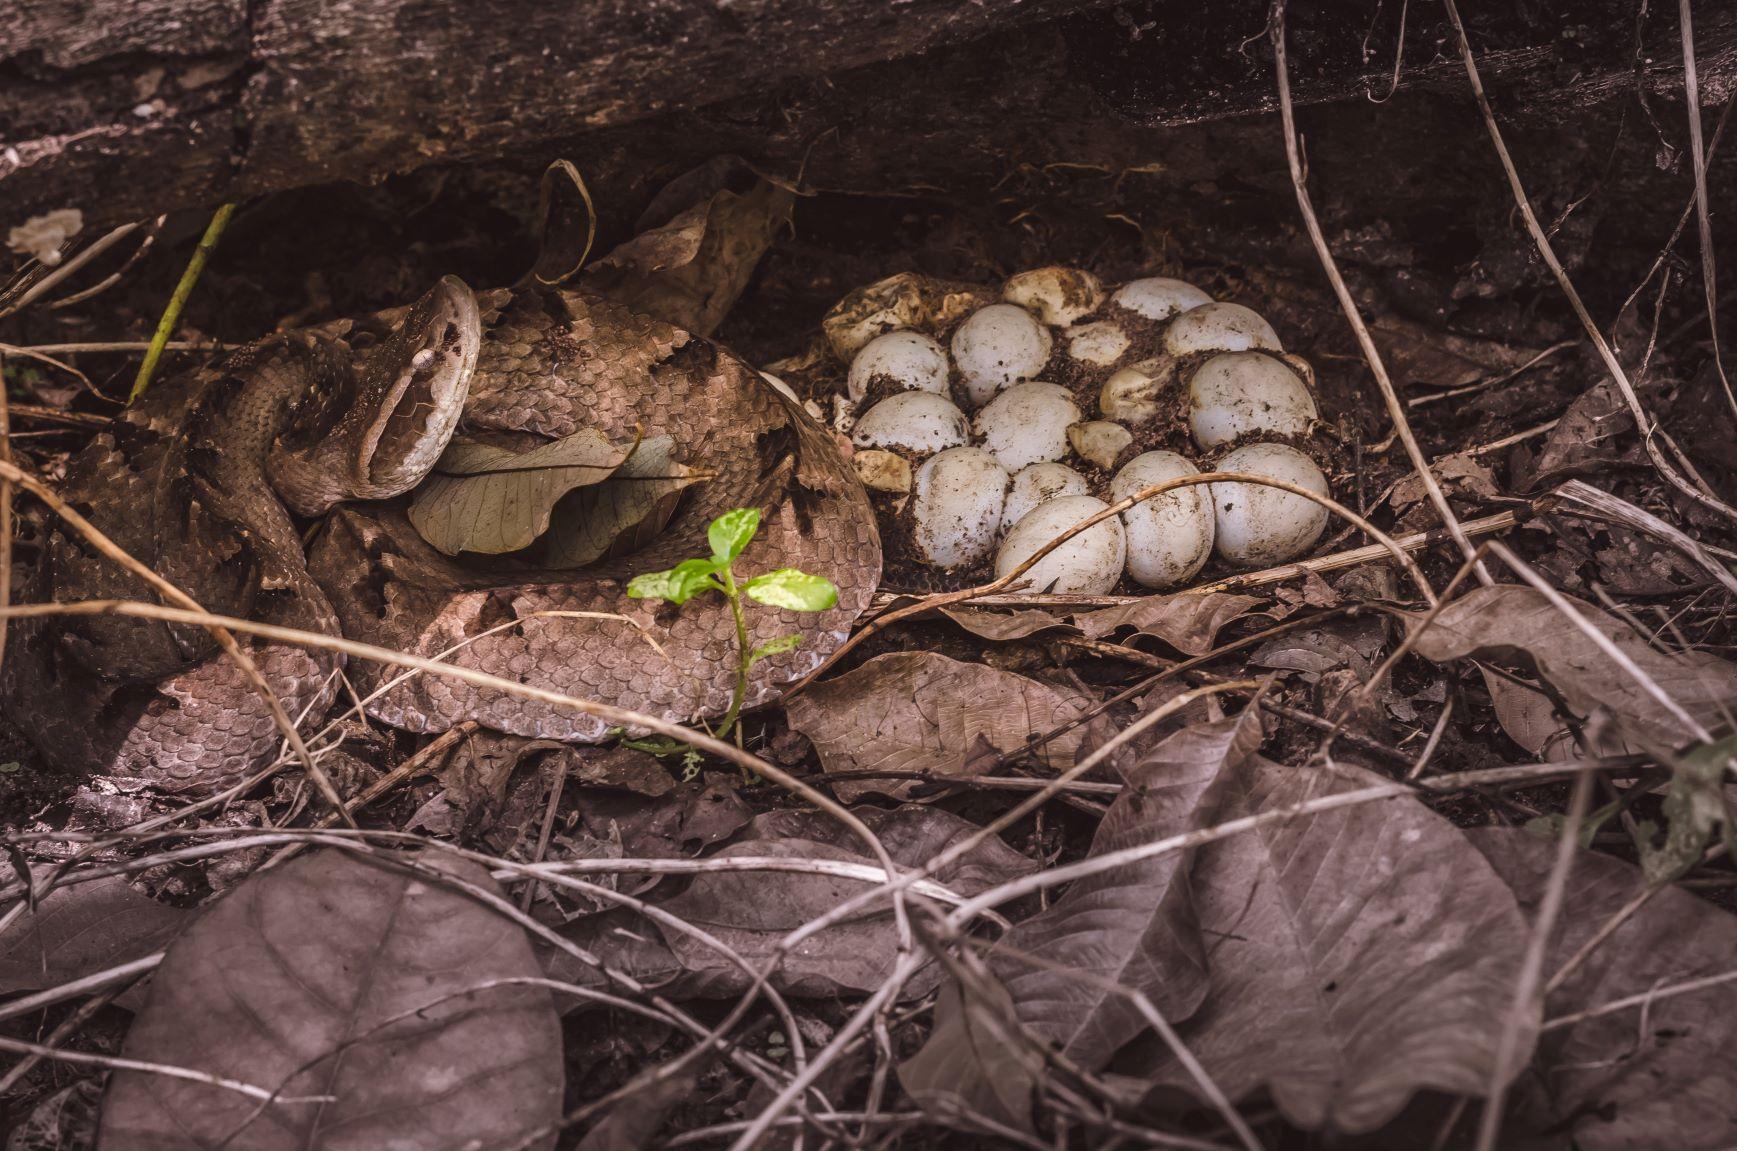 snake infestation